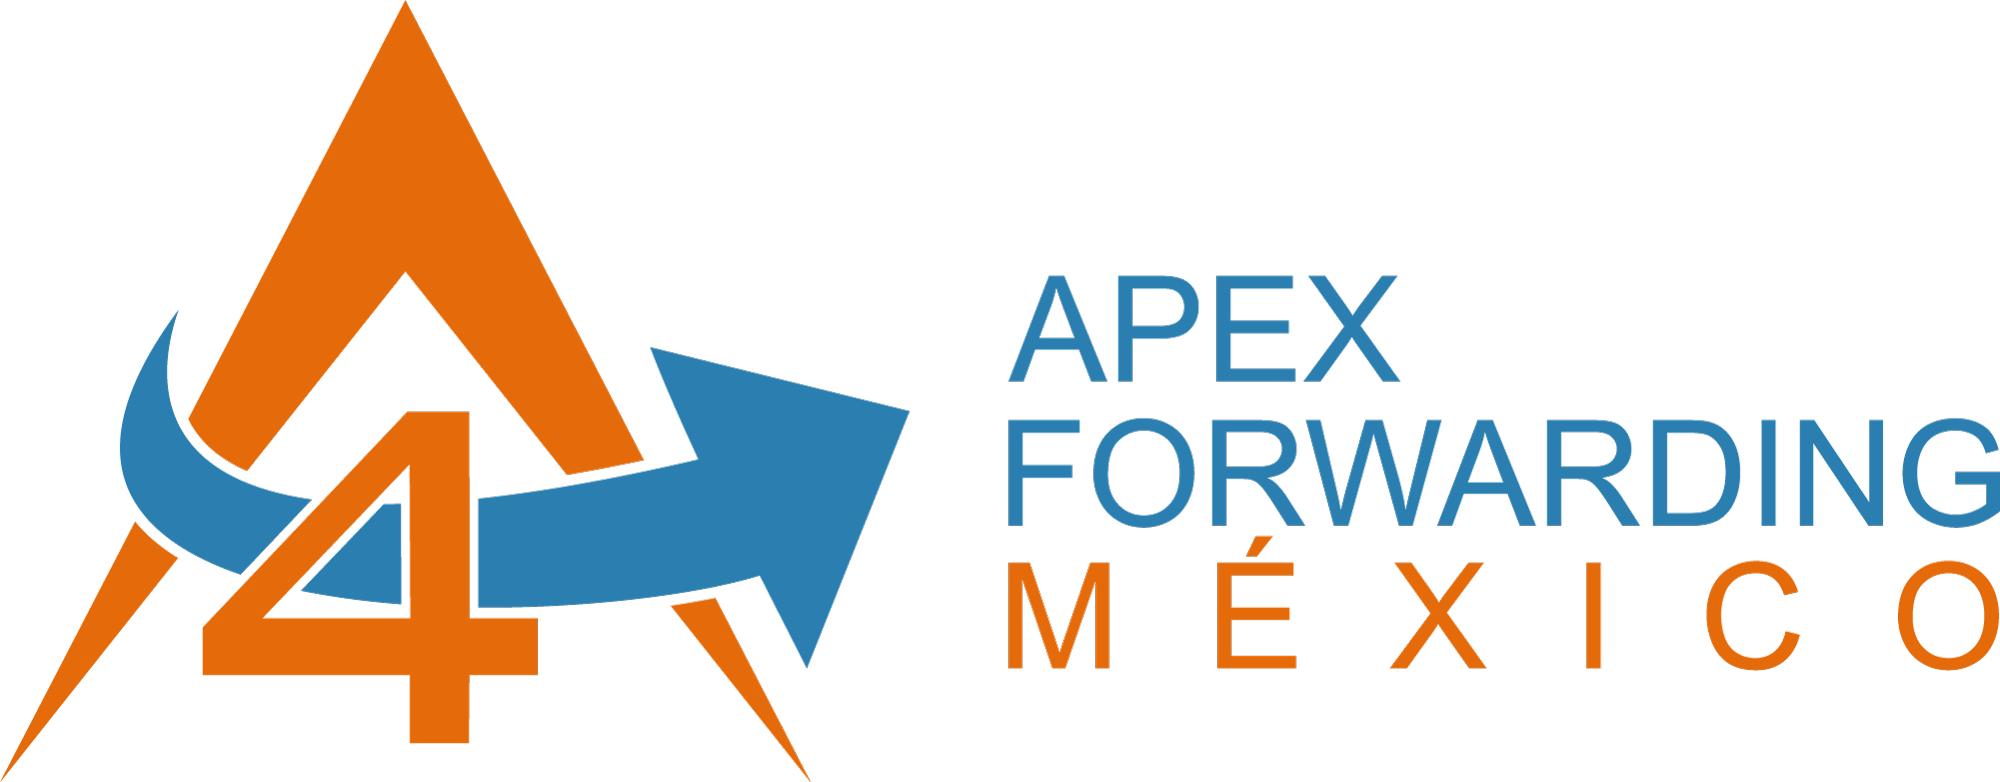 Apex Forwarding